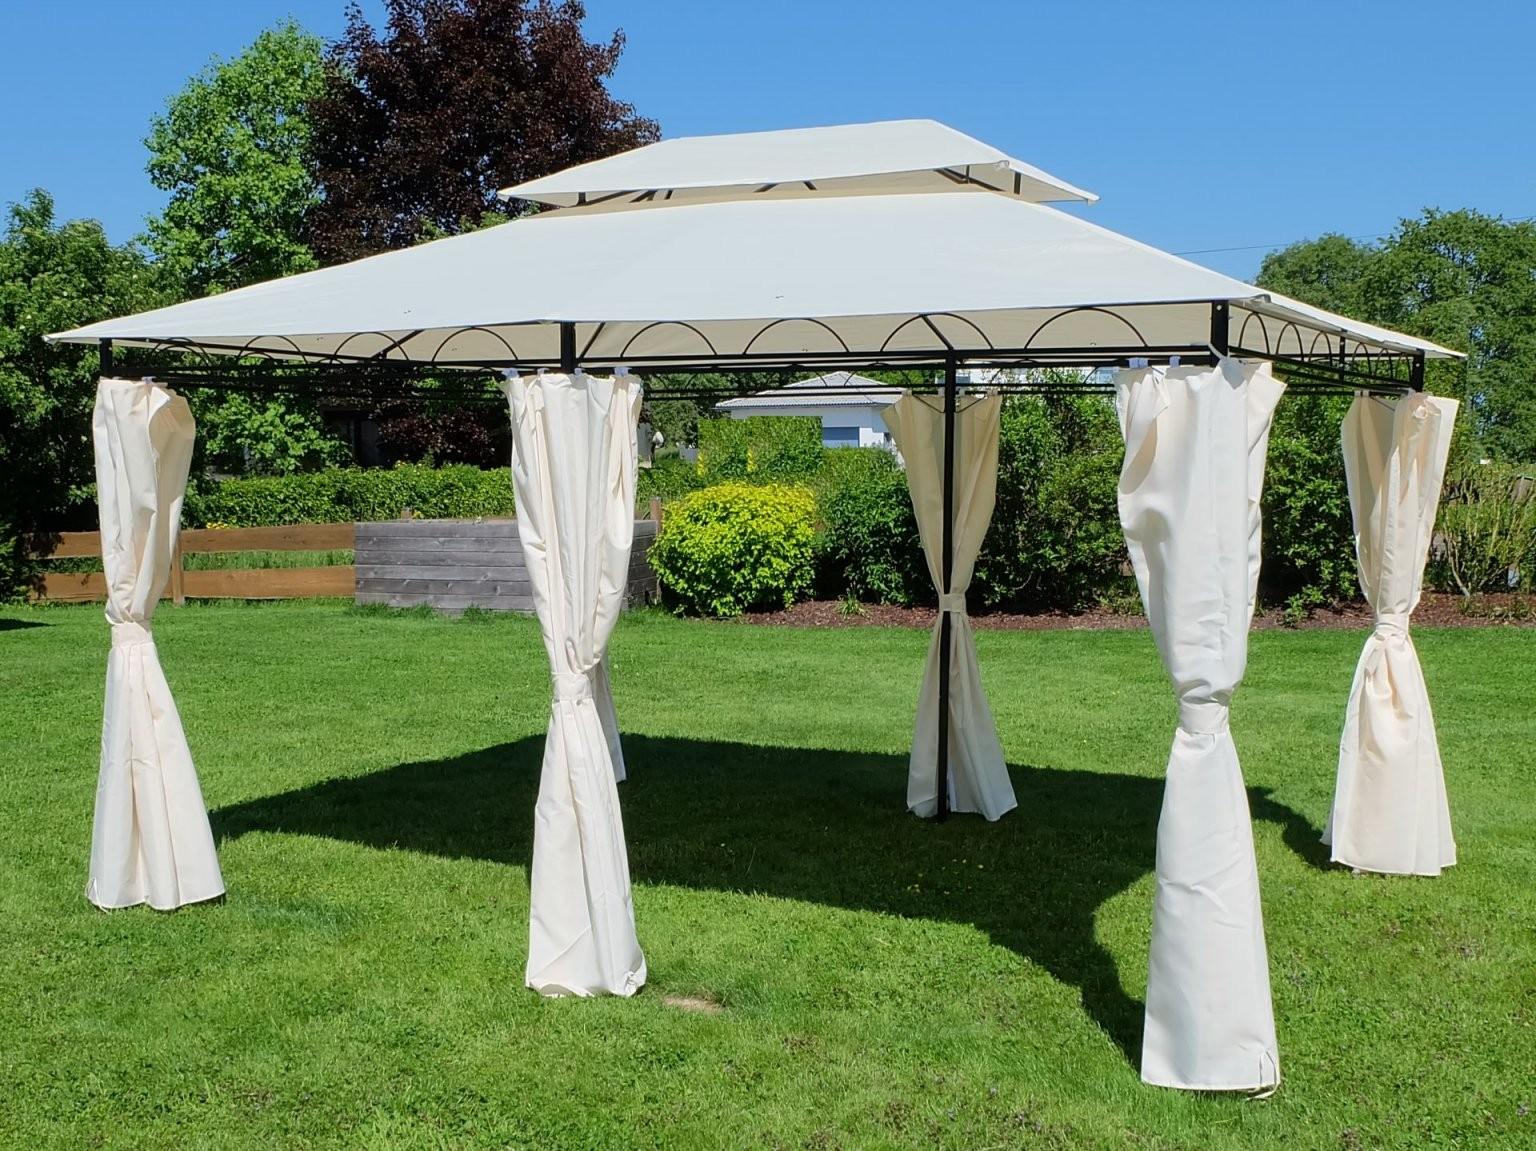 Eleganter Garten  Pavillon 3X4 Meter Dach 100% Wasserdicht Uv30+ von Ersatzdach Pavillon 3X4 Wasserdicht Photo